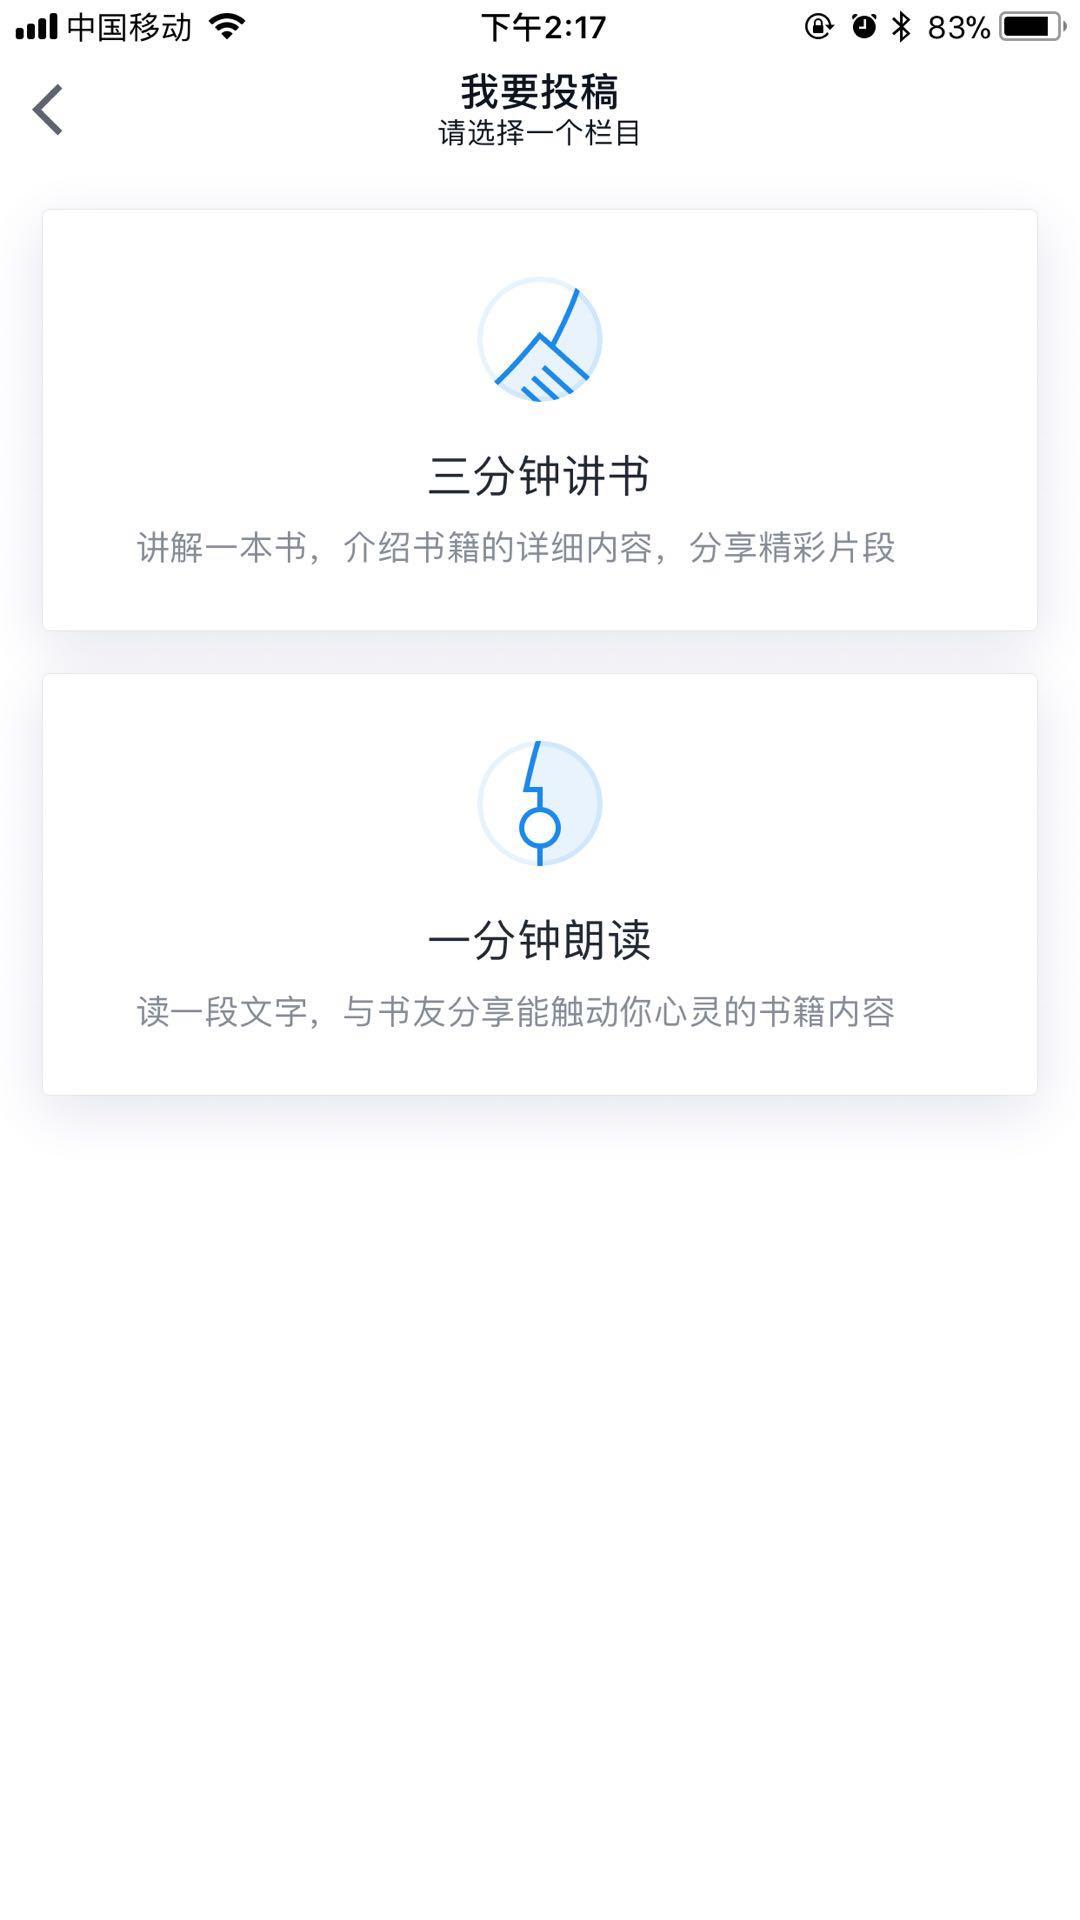 「微信读书」产品体验报告-产品公社